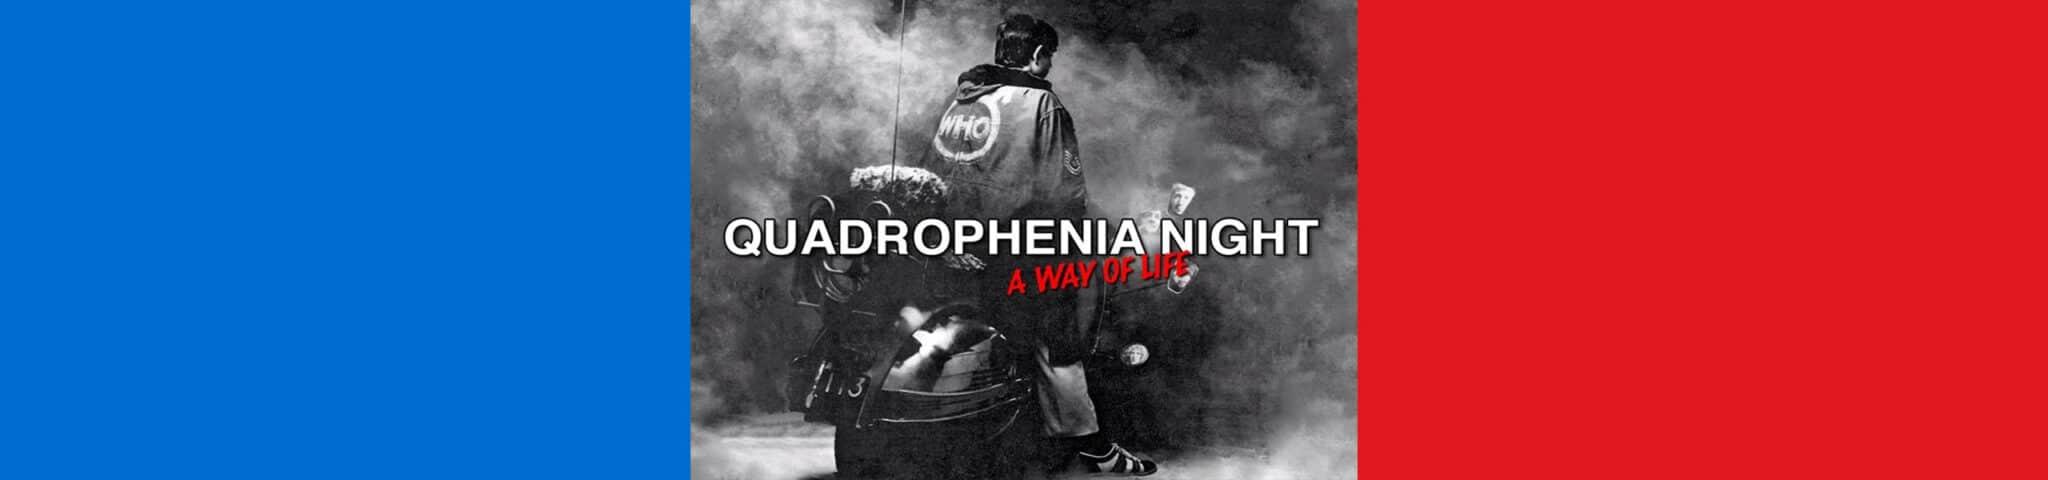 QUADROPHENIA NIGHT